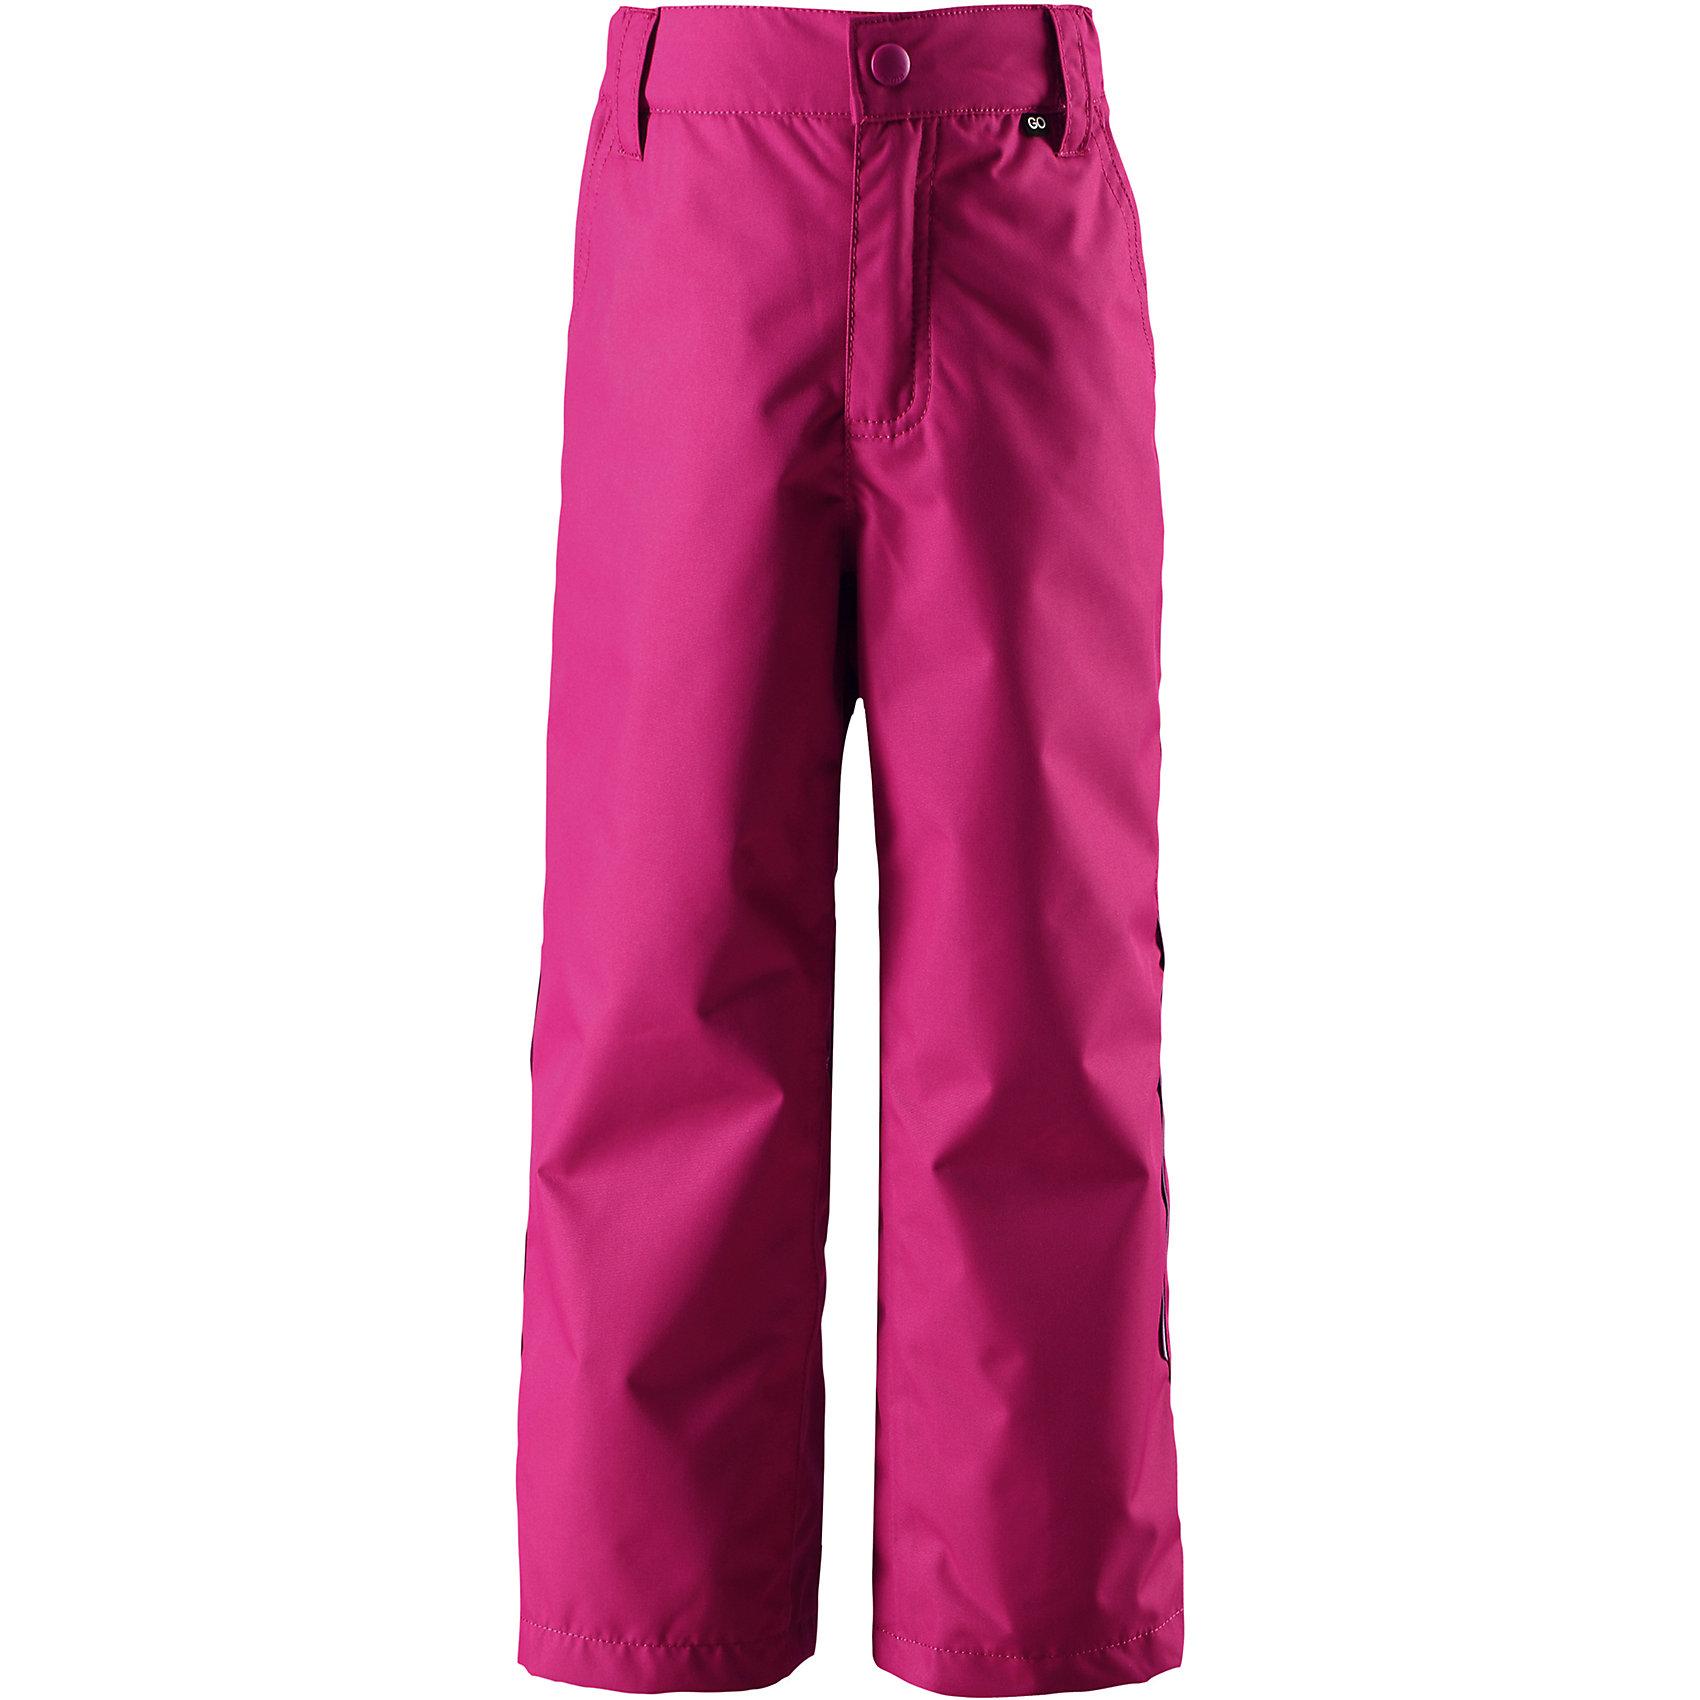 Брюки Reimatec® Reima SlanaОдежда<br>Характеристики товара:<br><br>• цвет: розовый;<br>• состав: 100% полиэстер;<br>• подкладка: 100% полиэстер;<br>• без утеплителя;<br>• температурный режим: от 0 до +15С;<br>• сезон: демисезон; <br>• водонепроницаемость: 10000 мм;<br>• воздухопроницаемость: 10000 мм;<br>• износостойкость: 30000 циклов (тест Мартиндейла);<br>• водо- и ветронепроницаемый, дышащий и грязеотталкивающий материал;<br>• основные  швы проклеены и водонепроницаемы;<br>• прямой крой;<br>• застежка: ширинка на молнии и пуговица;<br>• гладкая подкладка из полиэстера;<br>• регулируемый обхват талии;<br>• липучки на штанинах;<br>• два боковых кармана;<br>• карман с креплением для датчика ReimaGO;<br>• светоотражающие детали;<br>• страна бренда: Финляндия;<br>• страна изготовитель: Китай.<br><br>Практичные, водо и грязеотталкивающие демисезонные брюки изготовлены из прочного, но при этом легкого материала. Они отлично прослужат вам круглый год в холодную погоду просто подденьте под брюки теплый промежуточный слой. Ширинка на молнии облегчает надевание. <br><br>Если вы решили выбрать брюки подлиннее, на вырост, воспользуйтесь специально придуманной застежкой на липучке на концах брючин – благодаря ей ребенок не будет наступать на брюки. Эти надежные всепогодные брюки снабжены светоотражателями, карманом на молнии и потайным карманом для сенсора ReimaGO®.<br><br><br>Брюки Slana Reimatec® Reima от финского бренда Reima (Рейма) можно купить в нашем интернет-магазине.<br><br>Ширина мм: 215<br>Глубина мм: 88<br>Высота мм: 191<br>Вес г: 336<br>Цвет: розовый<br>Возраст от месяцев: 36<br>Возраст до месяцев: 48<br>Пол: Унисекс<br>Возраст: Детский<br>Размер: 104,164,110,116,122,128,134,140,146,152,158<br>SKU: 6901530